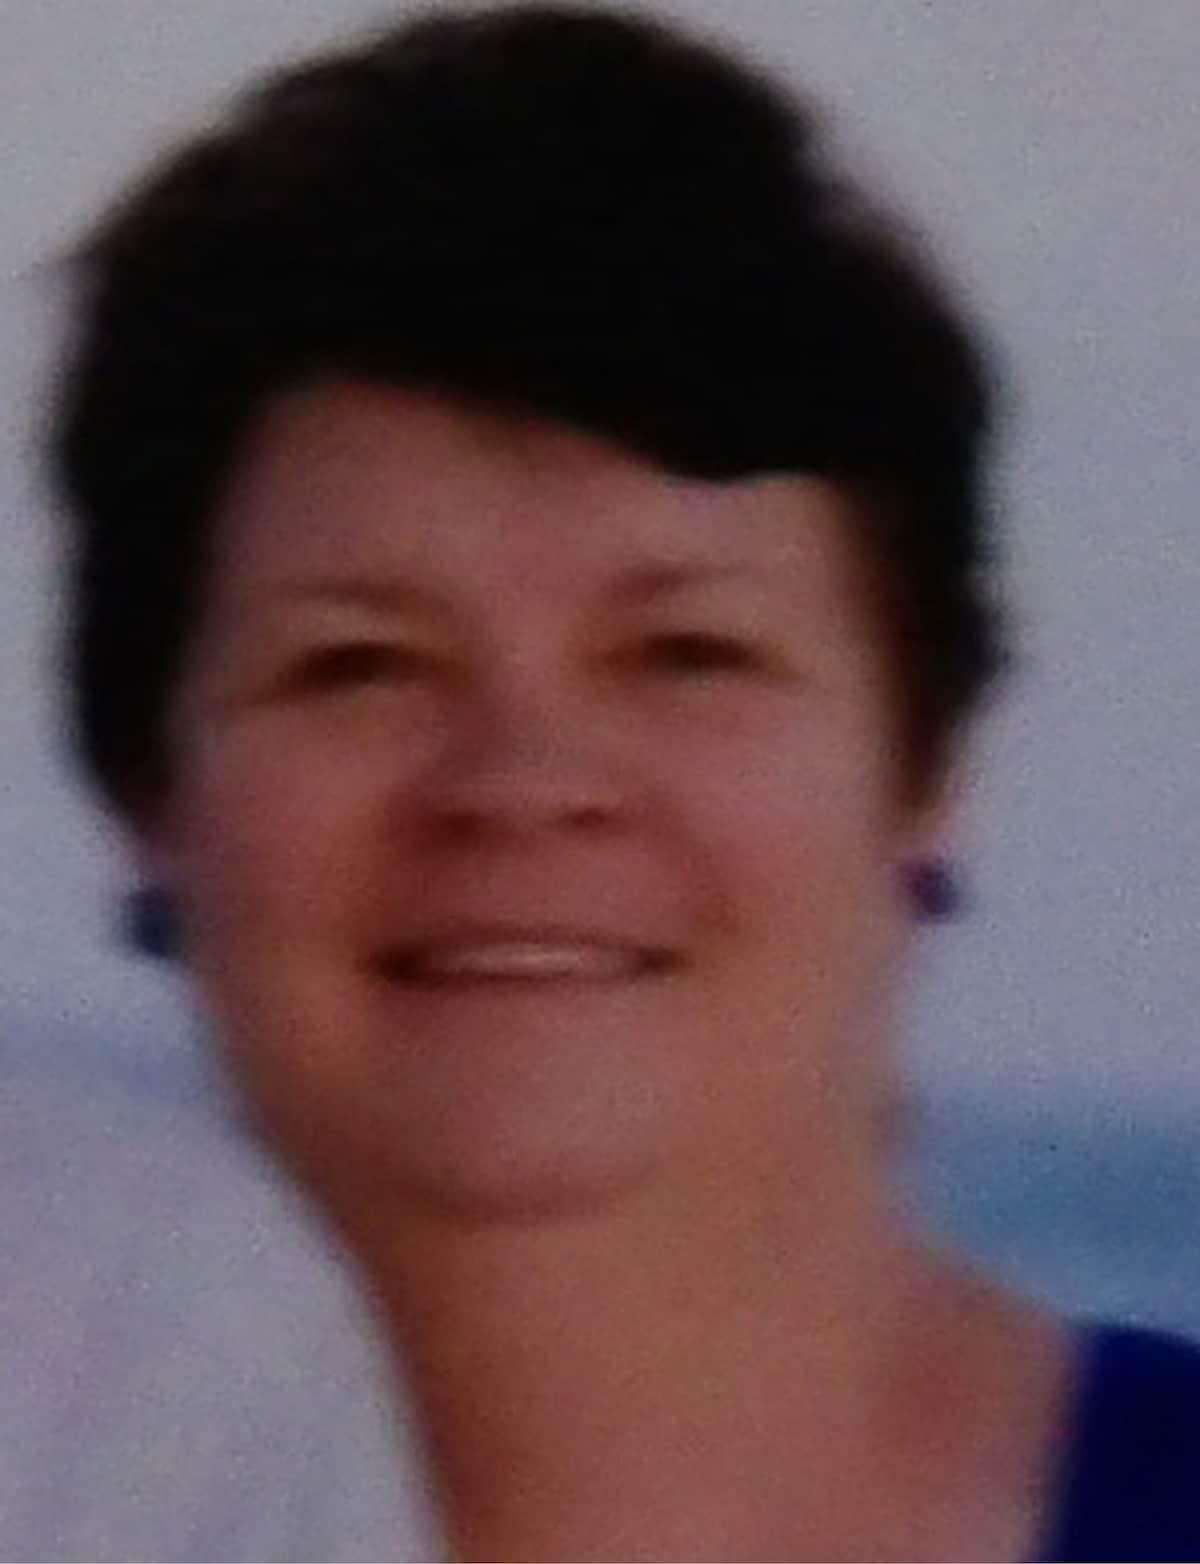 Karen from Murrells Inlet